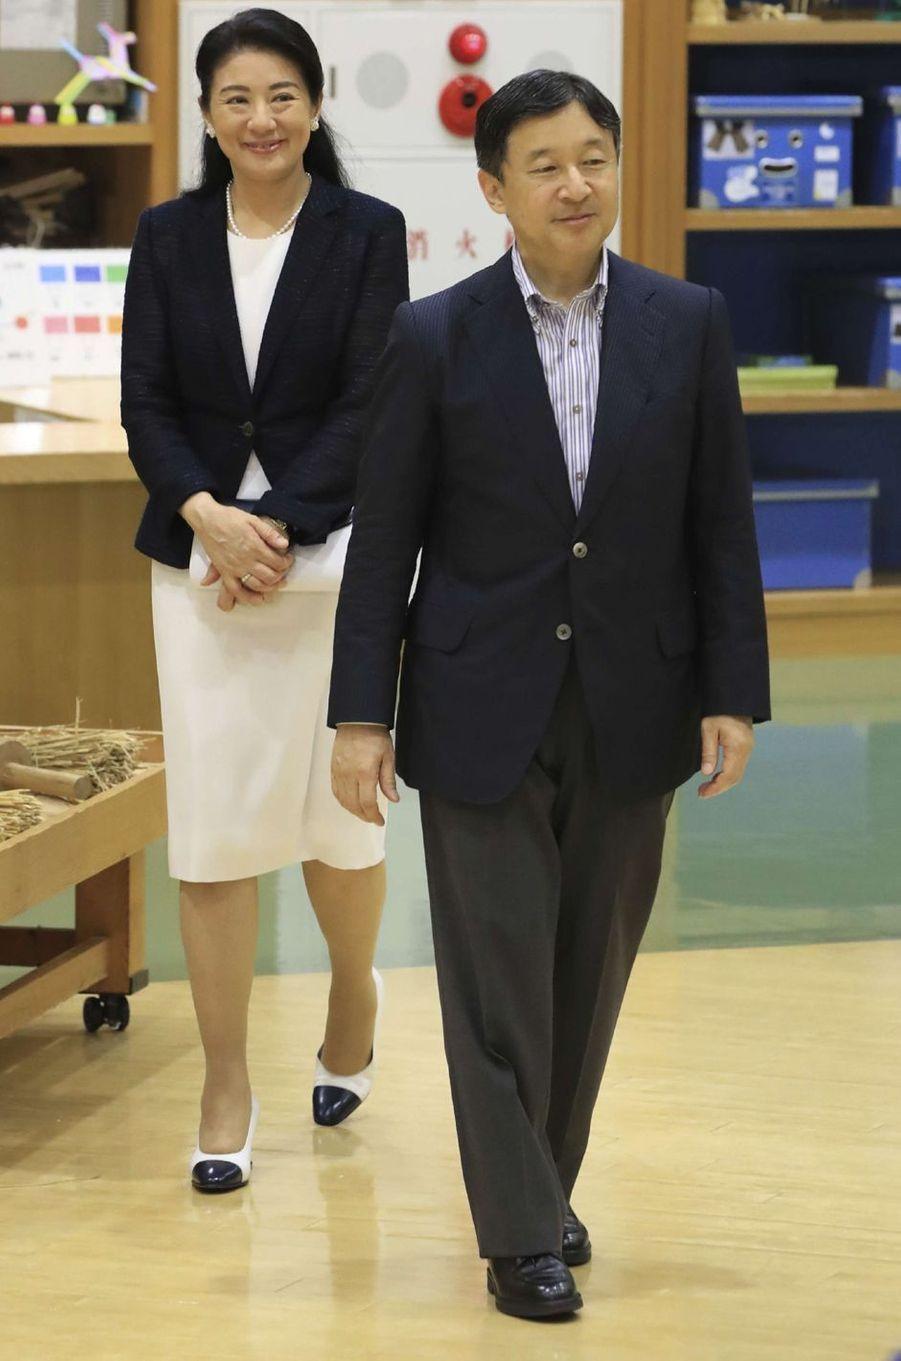 La princesse Masako et le prince Naruhito du Japon au Musée préfectoral d'Akita, le 11 juillet 2017